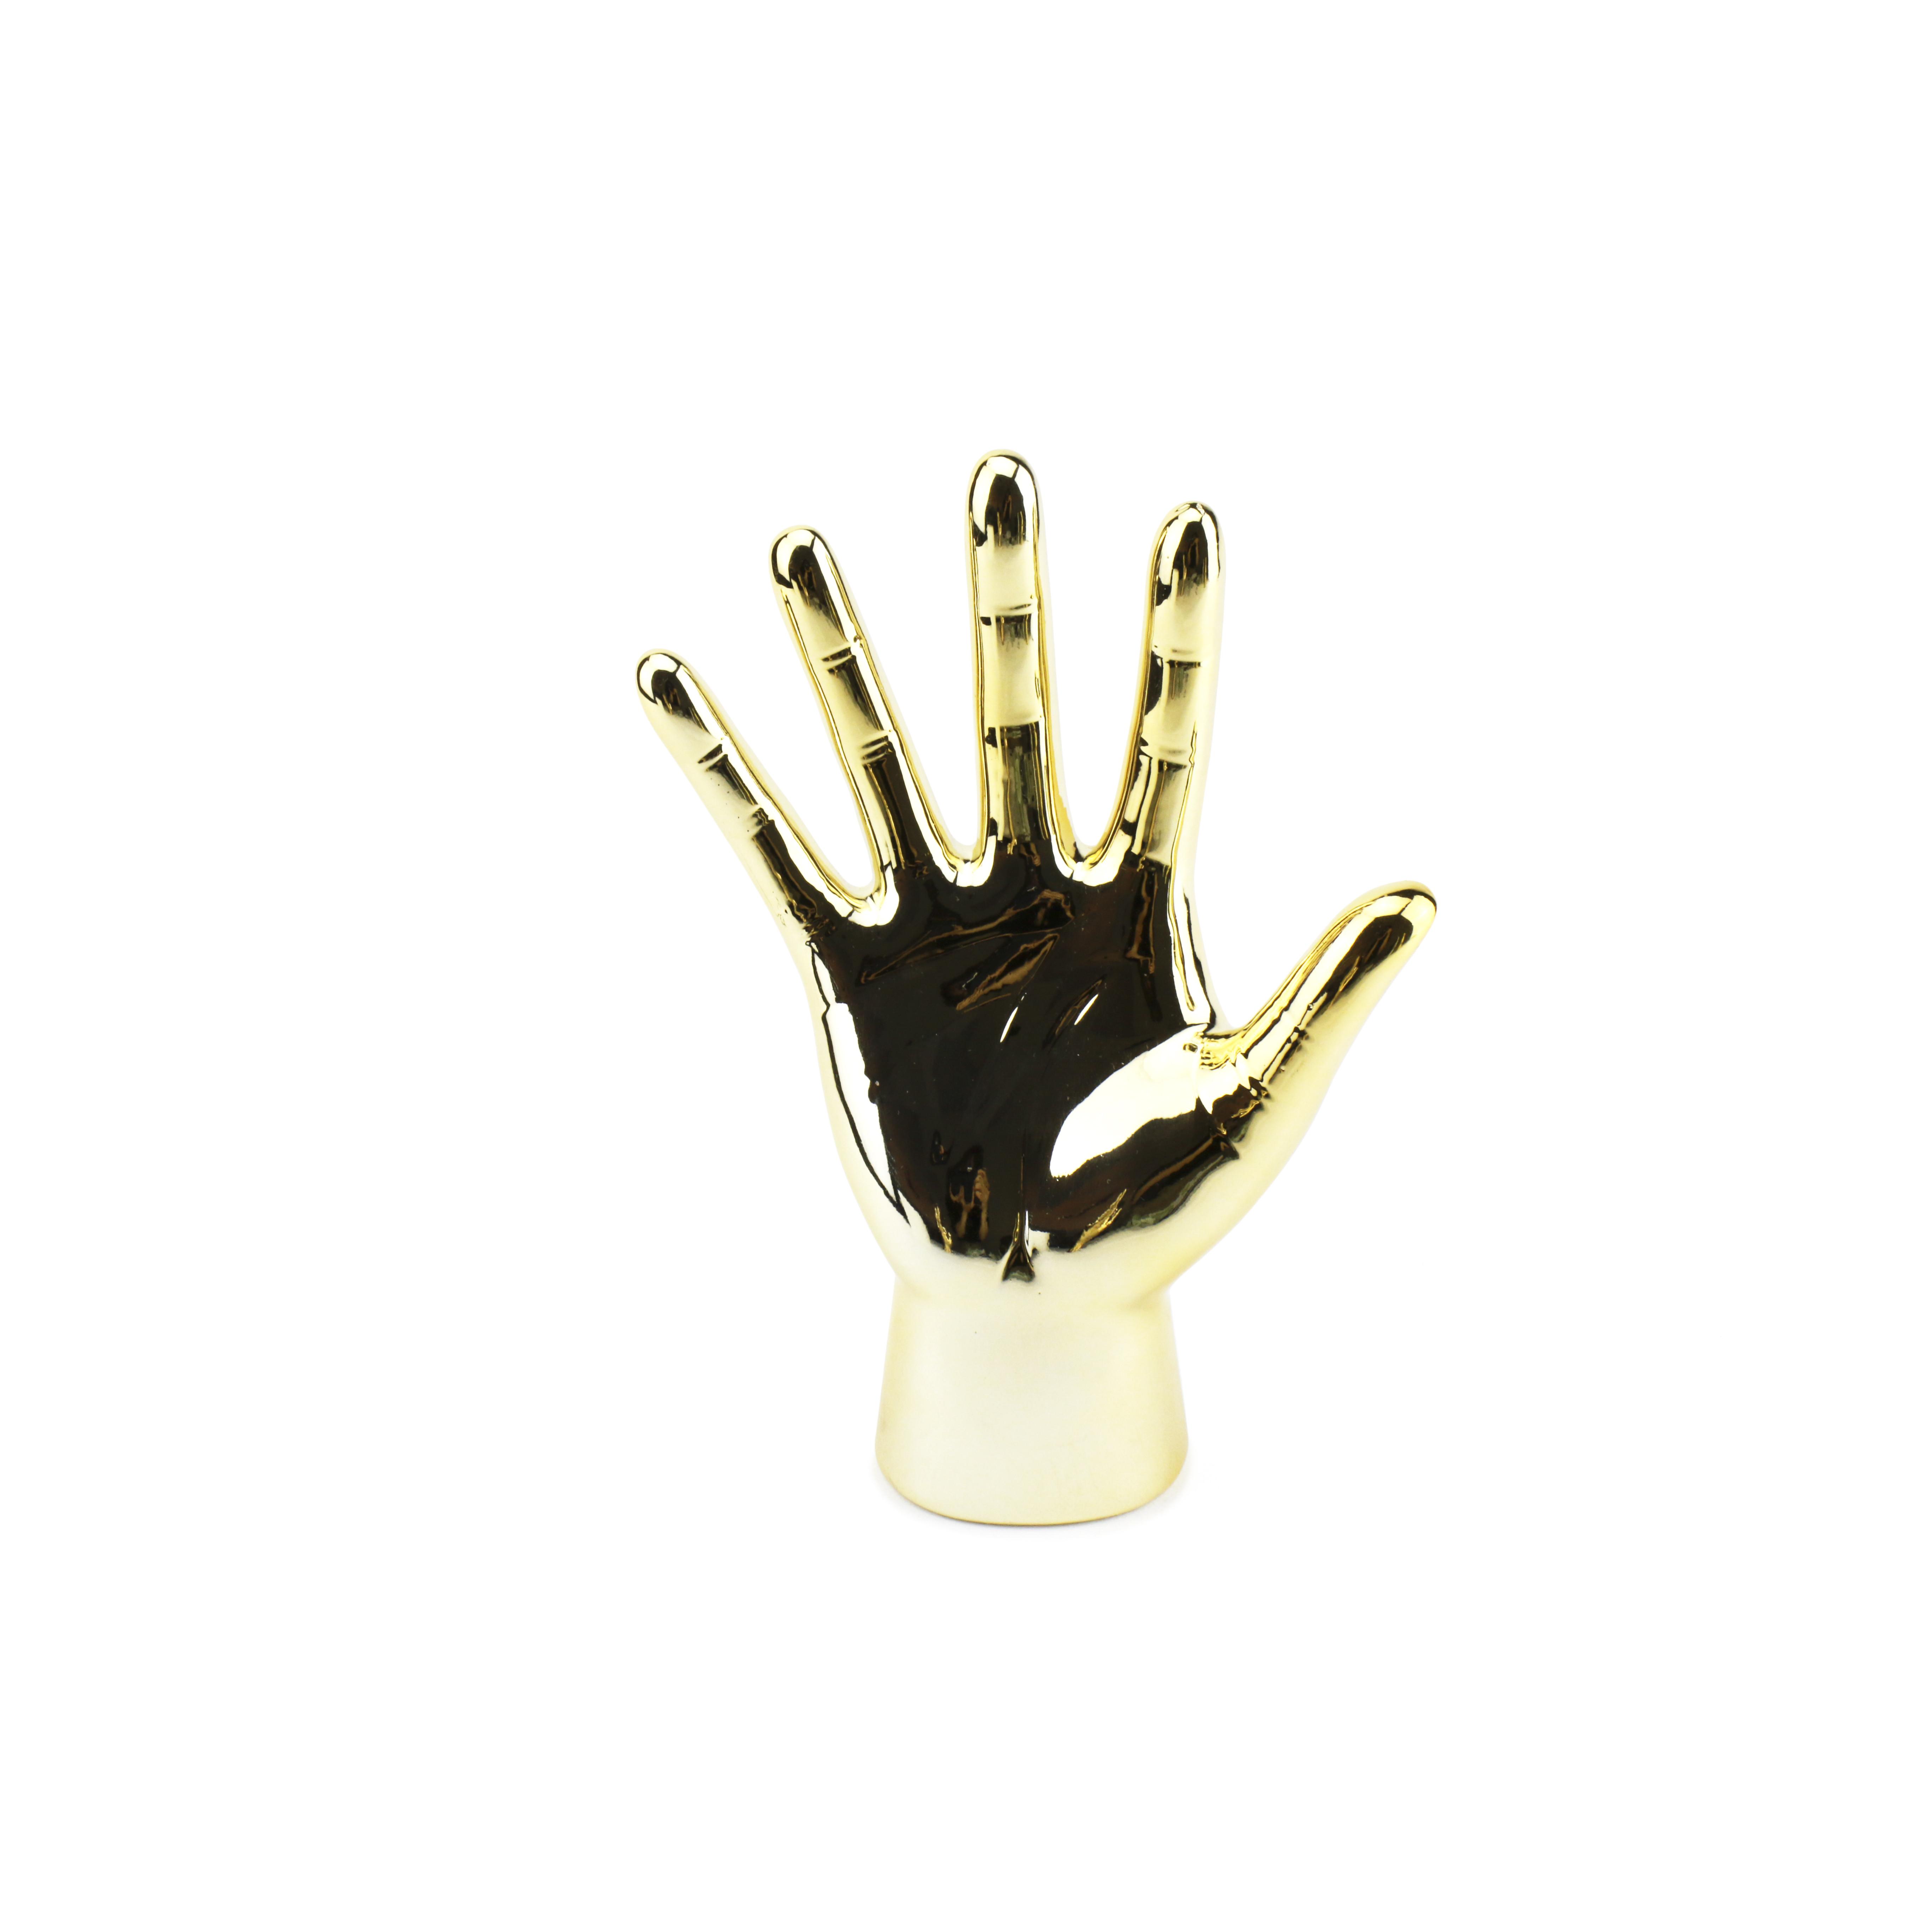 Bàn tay vàng decor sang trọng